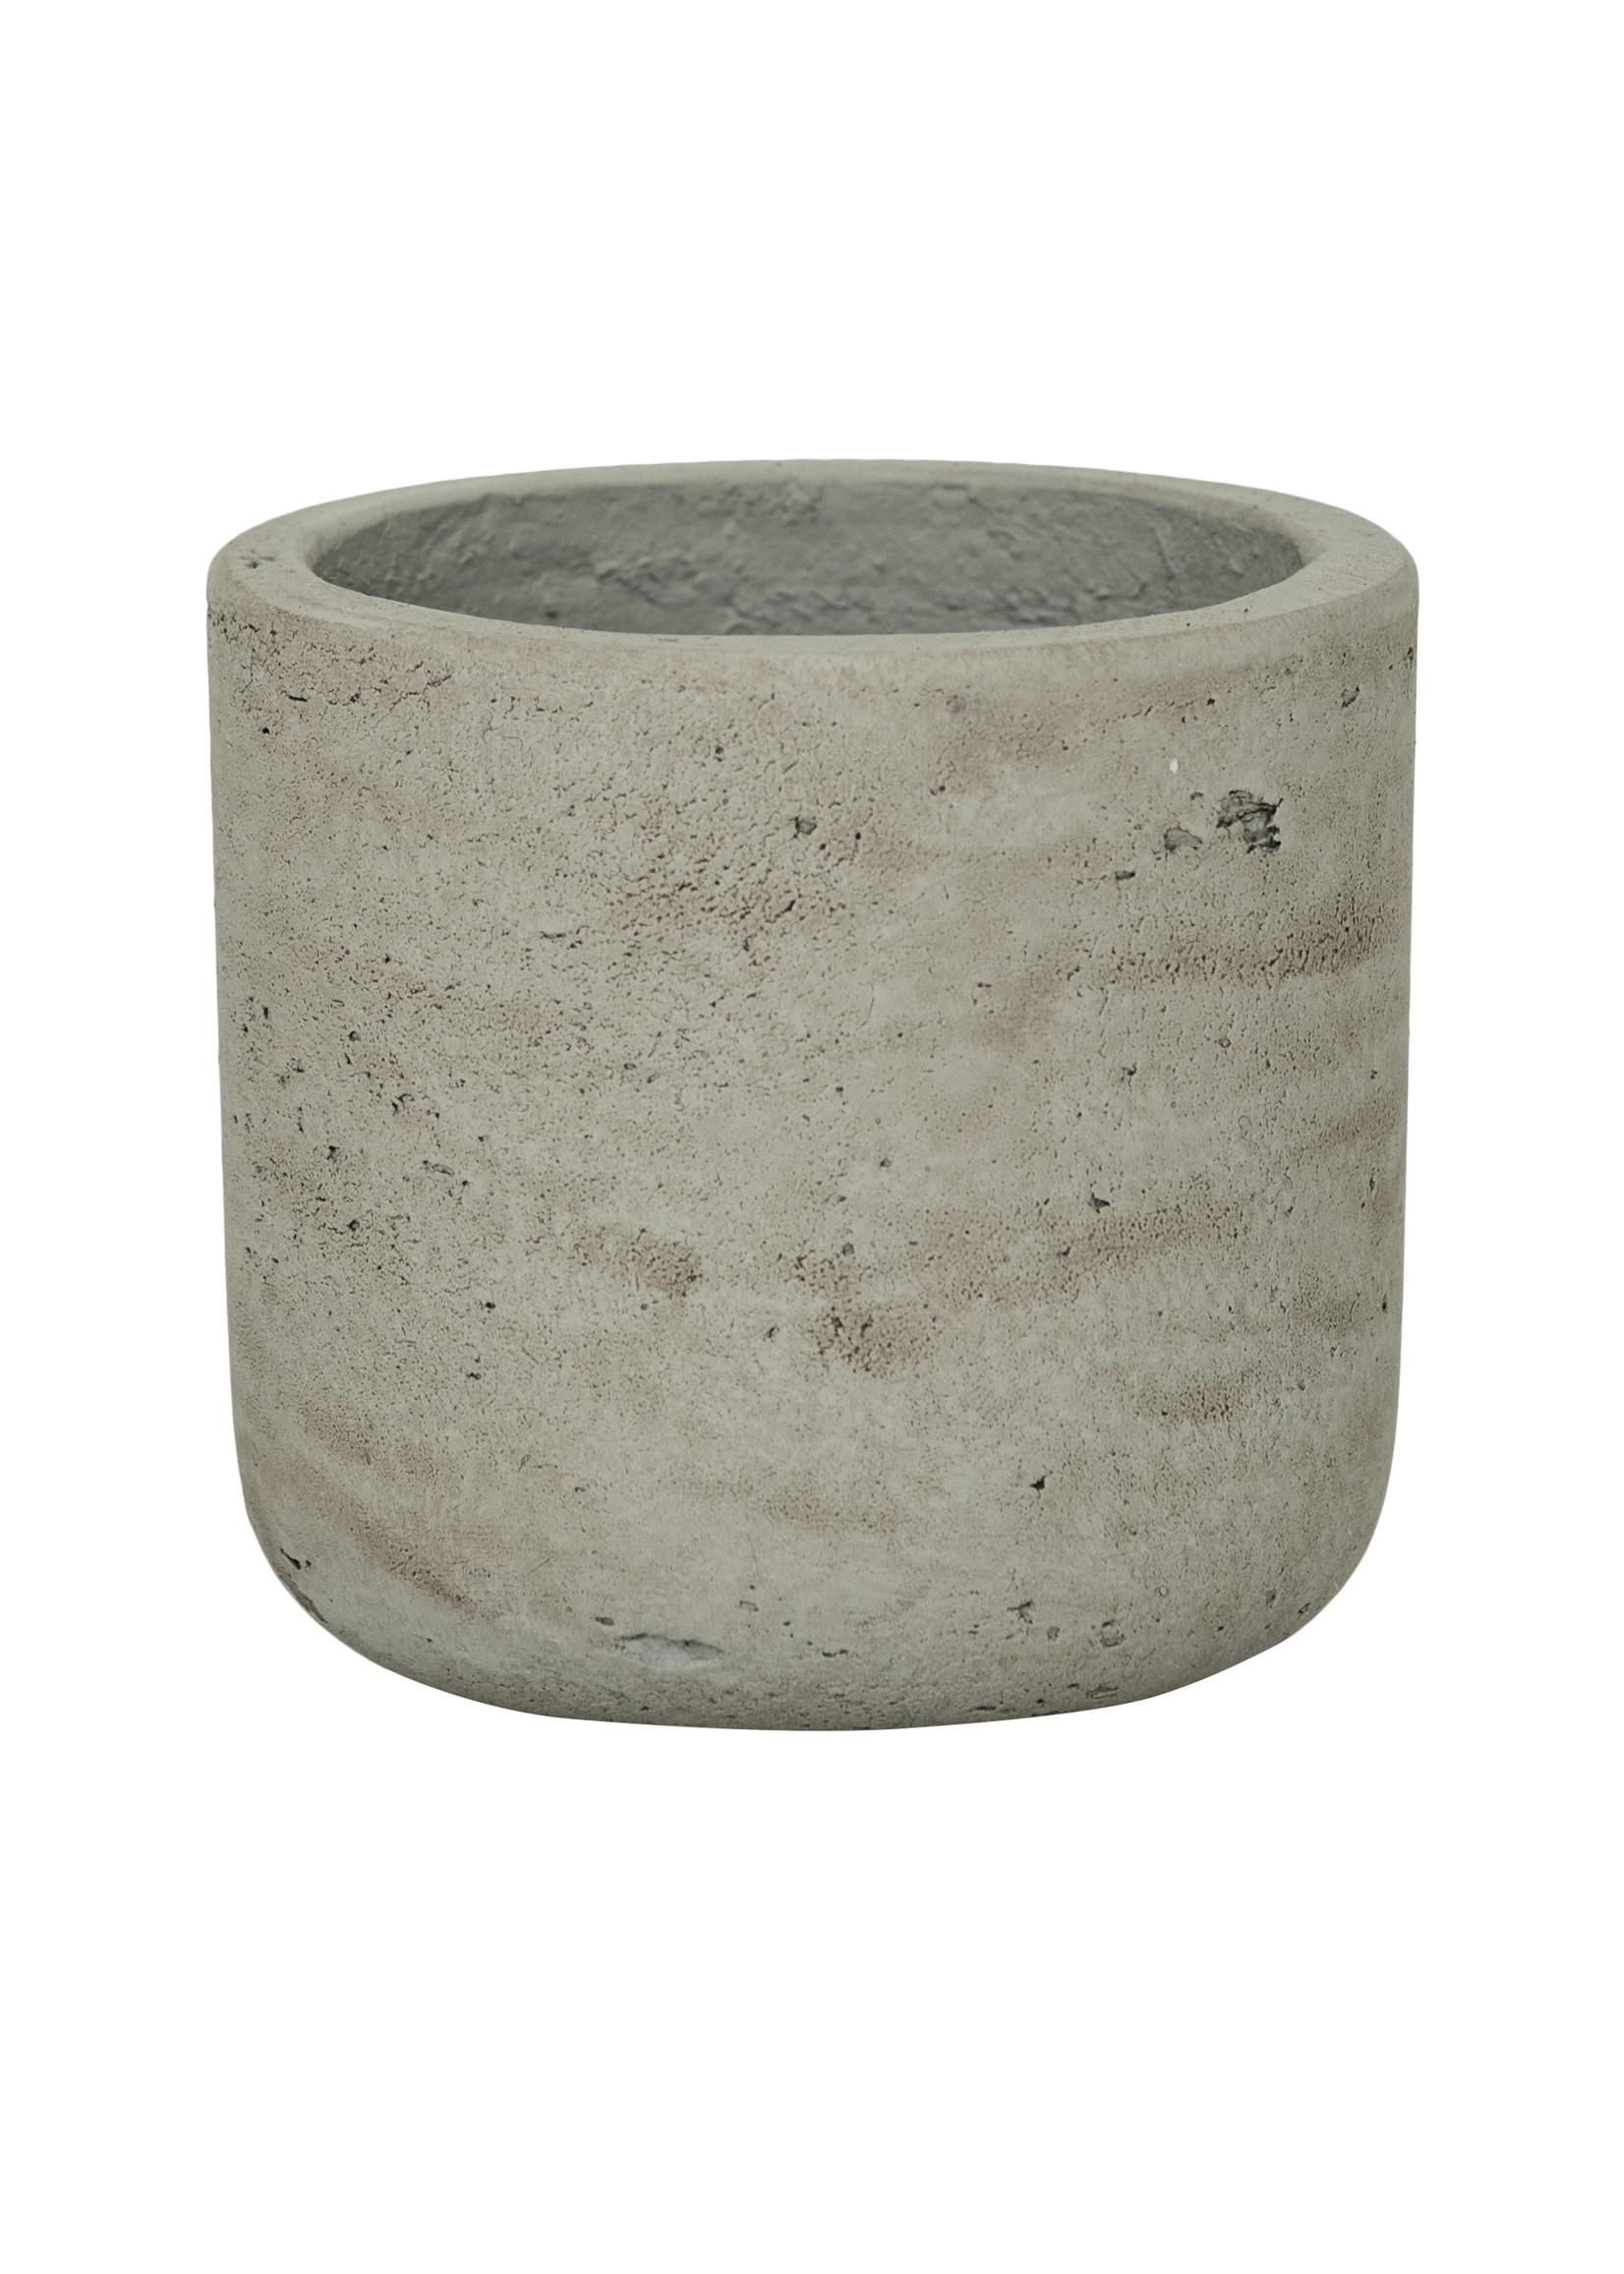 Potterypots Charlie XXXS Grey Washed